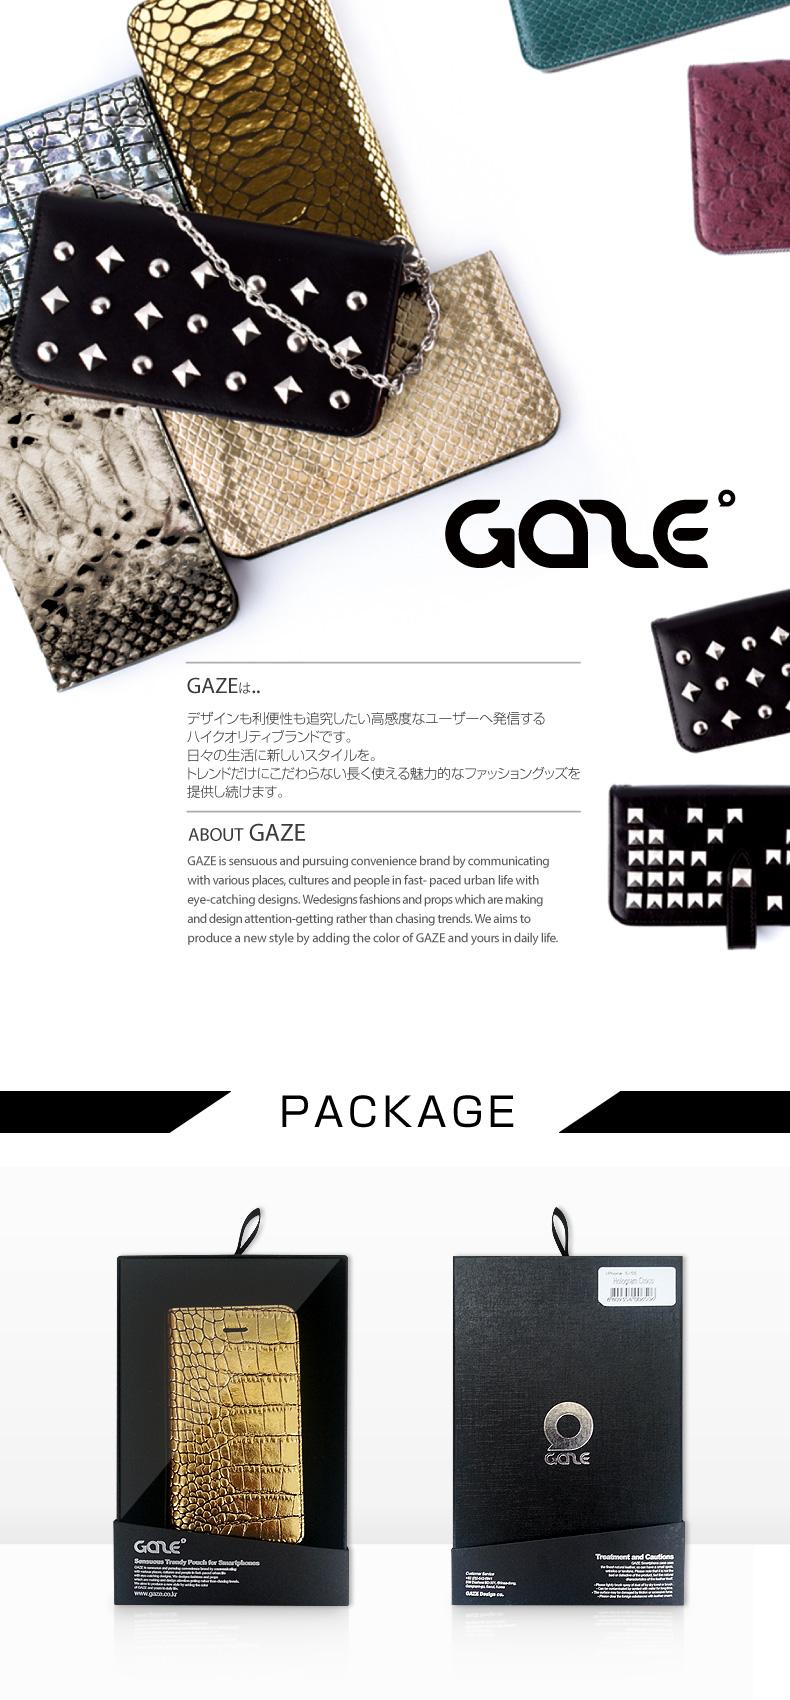 ブランド紹介、パッケージ、ゲイズiPhone5/5sケース